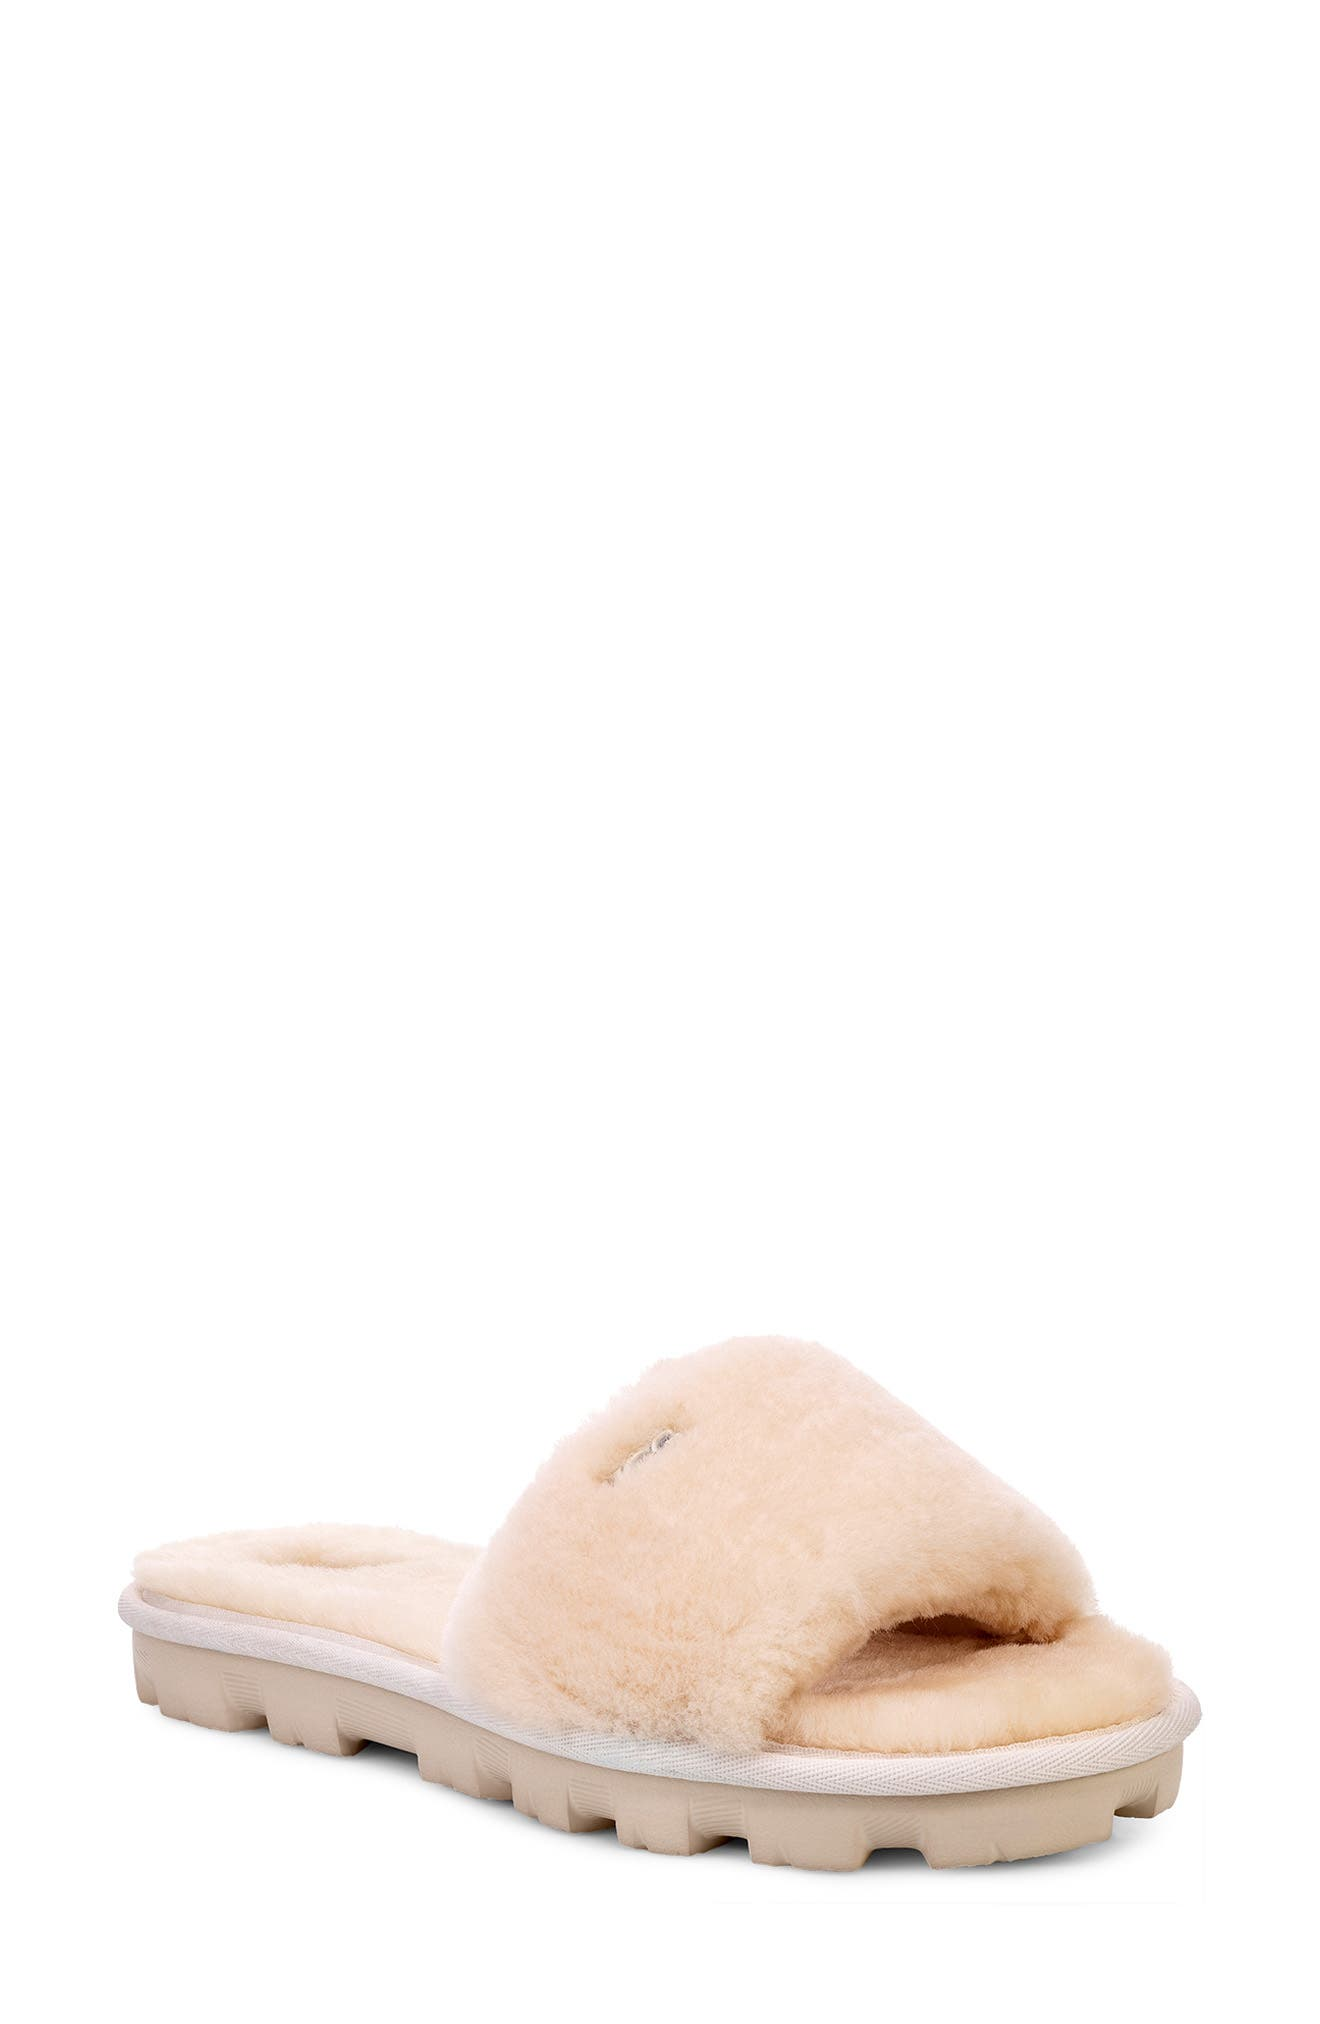 CHANEL ESPADRILLES MULES Slipper Schuhe Leder Weiß Schwarz 40 Top